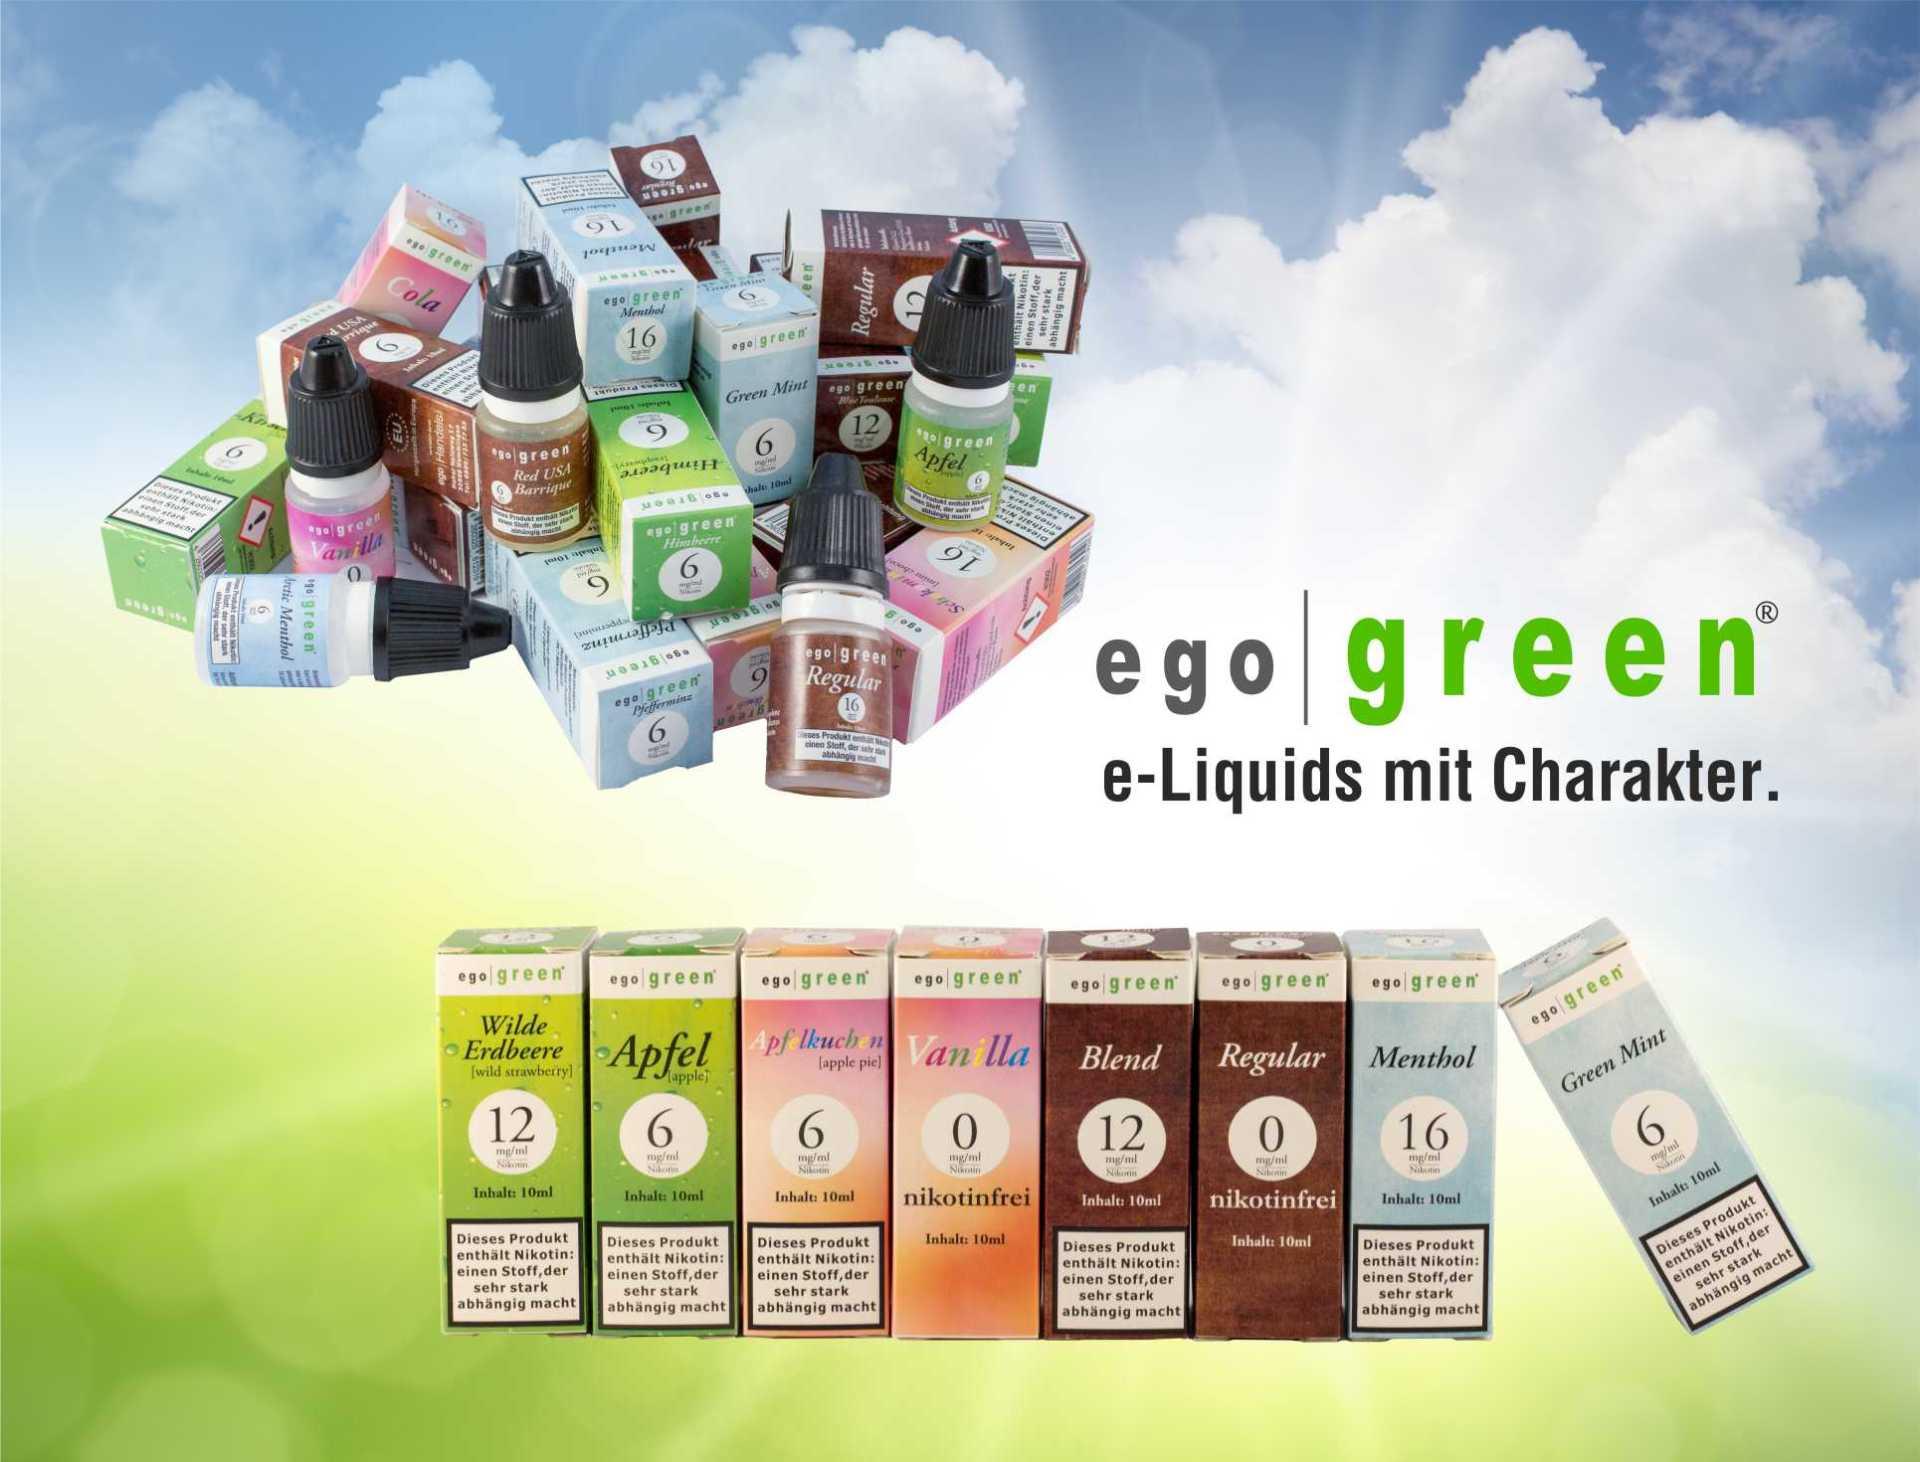 ego|green® e-Liquids mit Charakter.